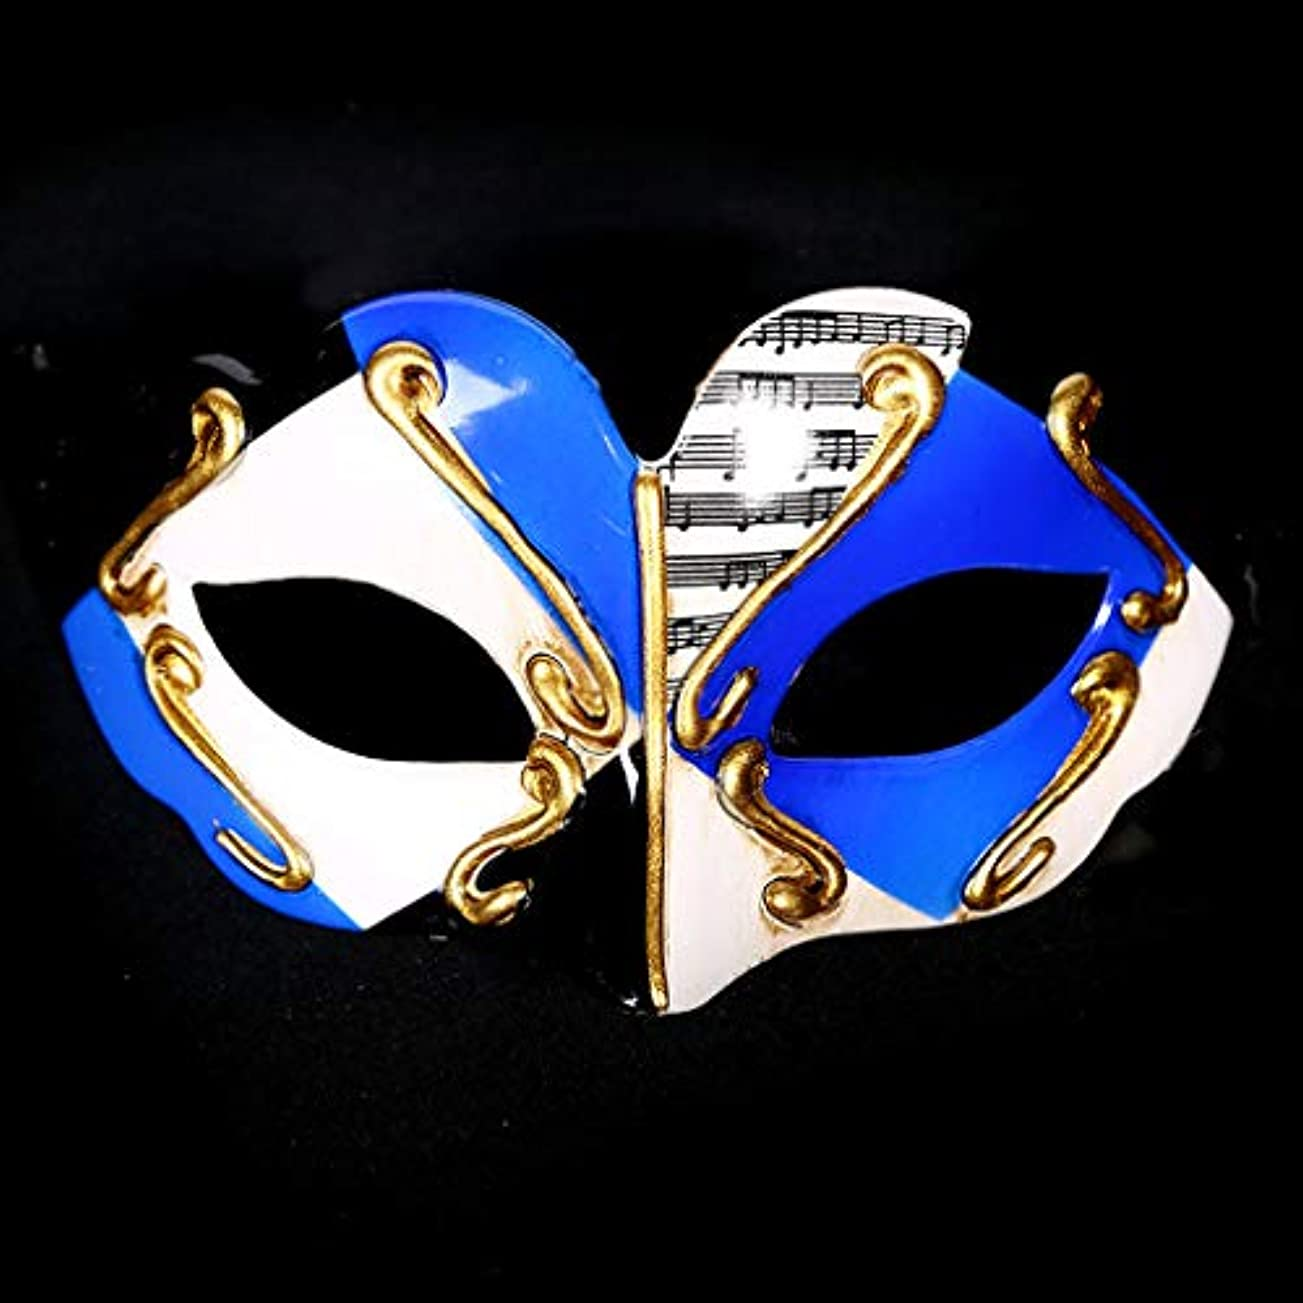 コストラダリフレッシュハロウィンマスクヴェネツィア仮装ハーフフェイスプラスチック子供アダルトマスクコスチュームプロップ (Color : BLUE)